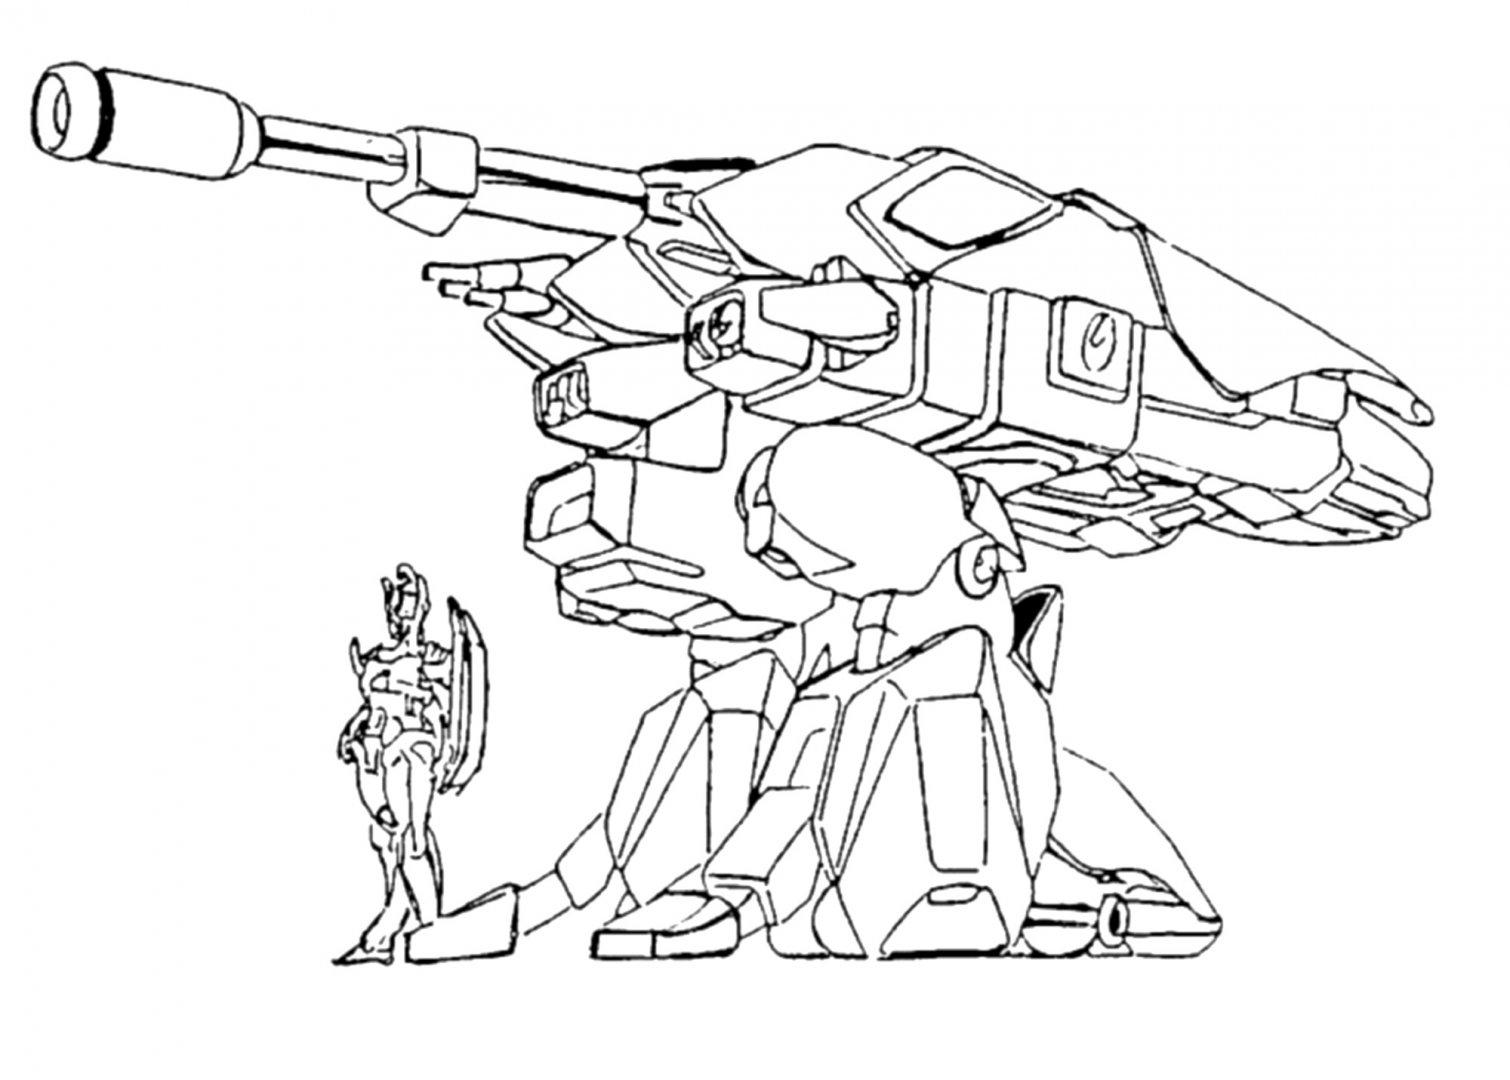 VHT-1-Spartas-Veritech-Hover-Tank-12.jpg